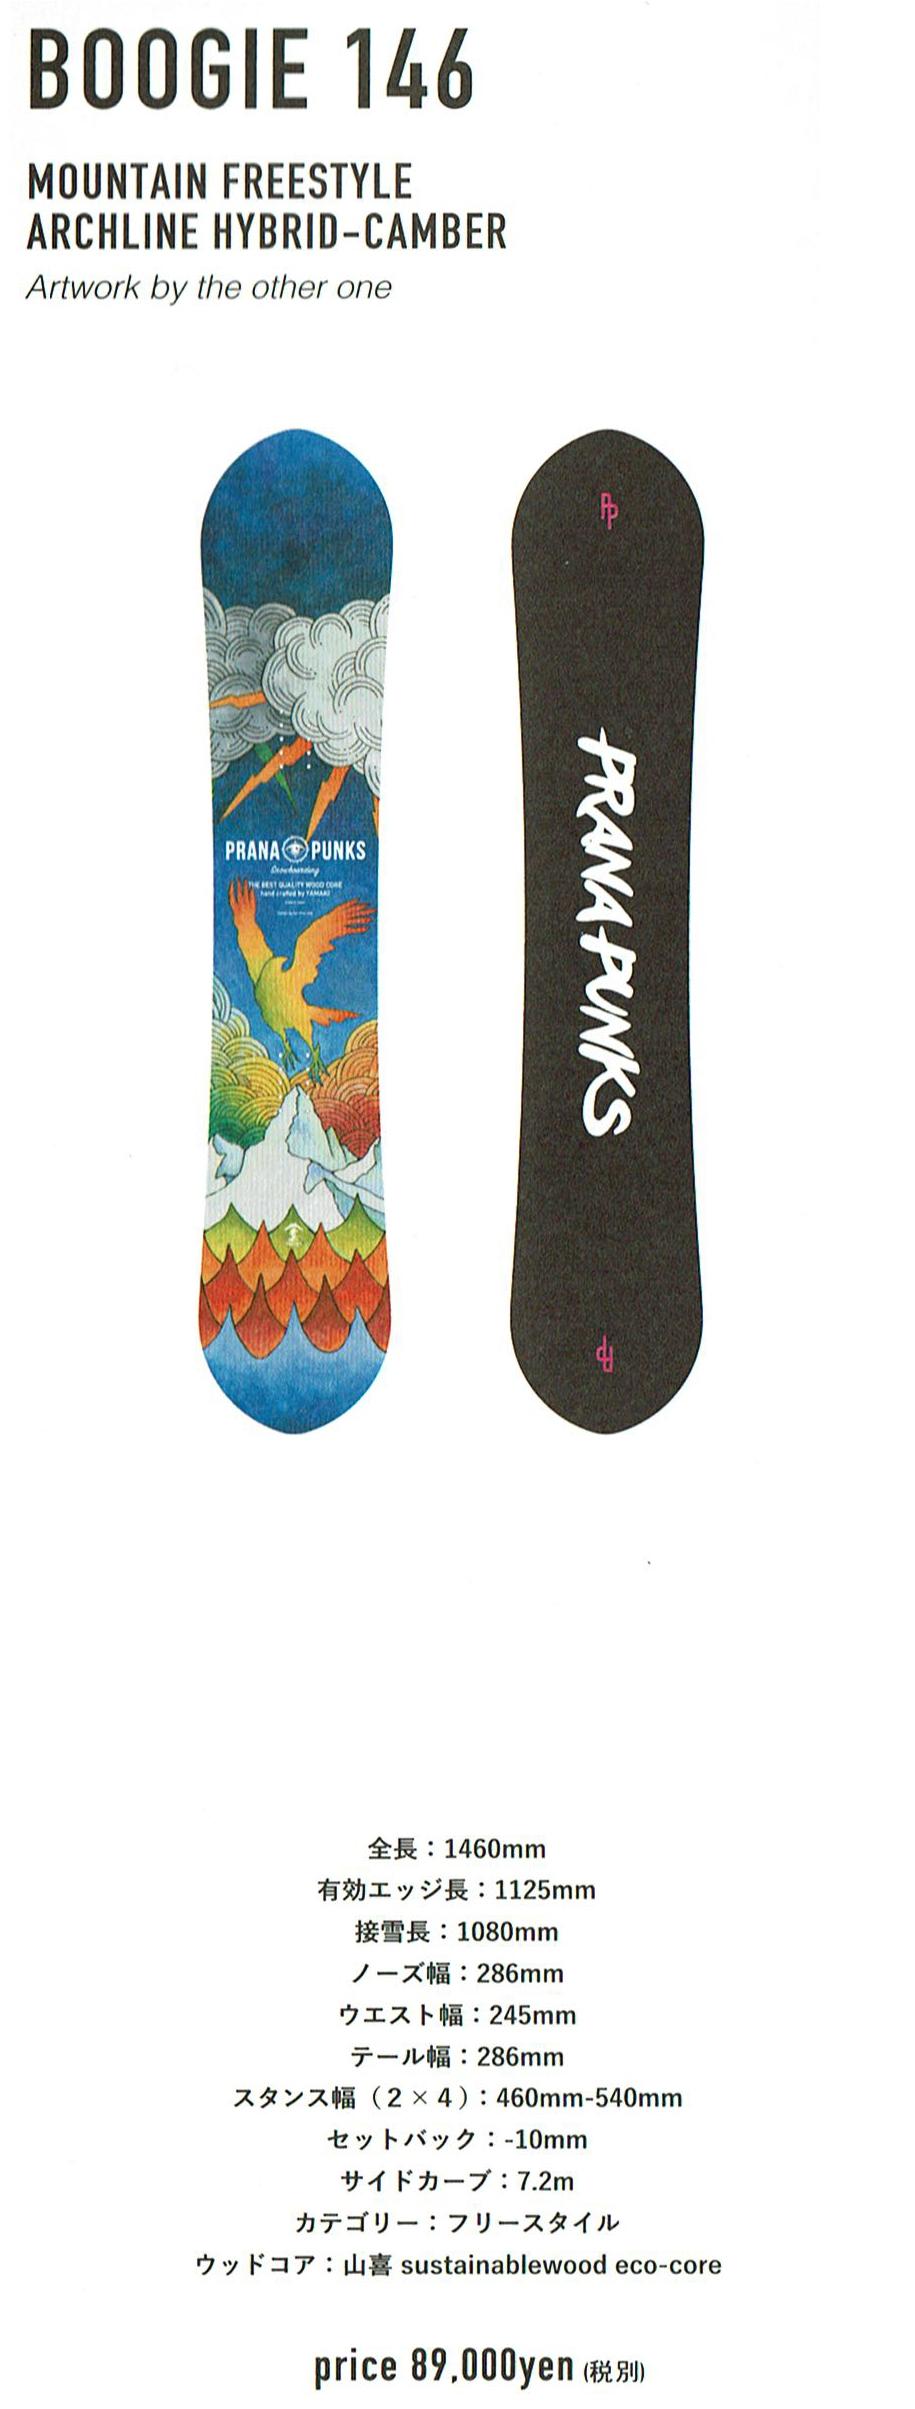 PRANA PUNKS snowboarding